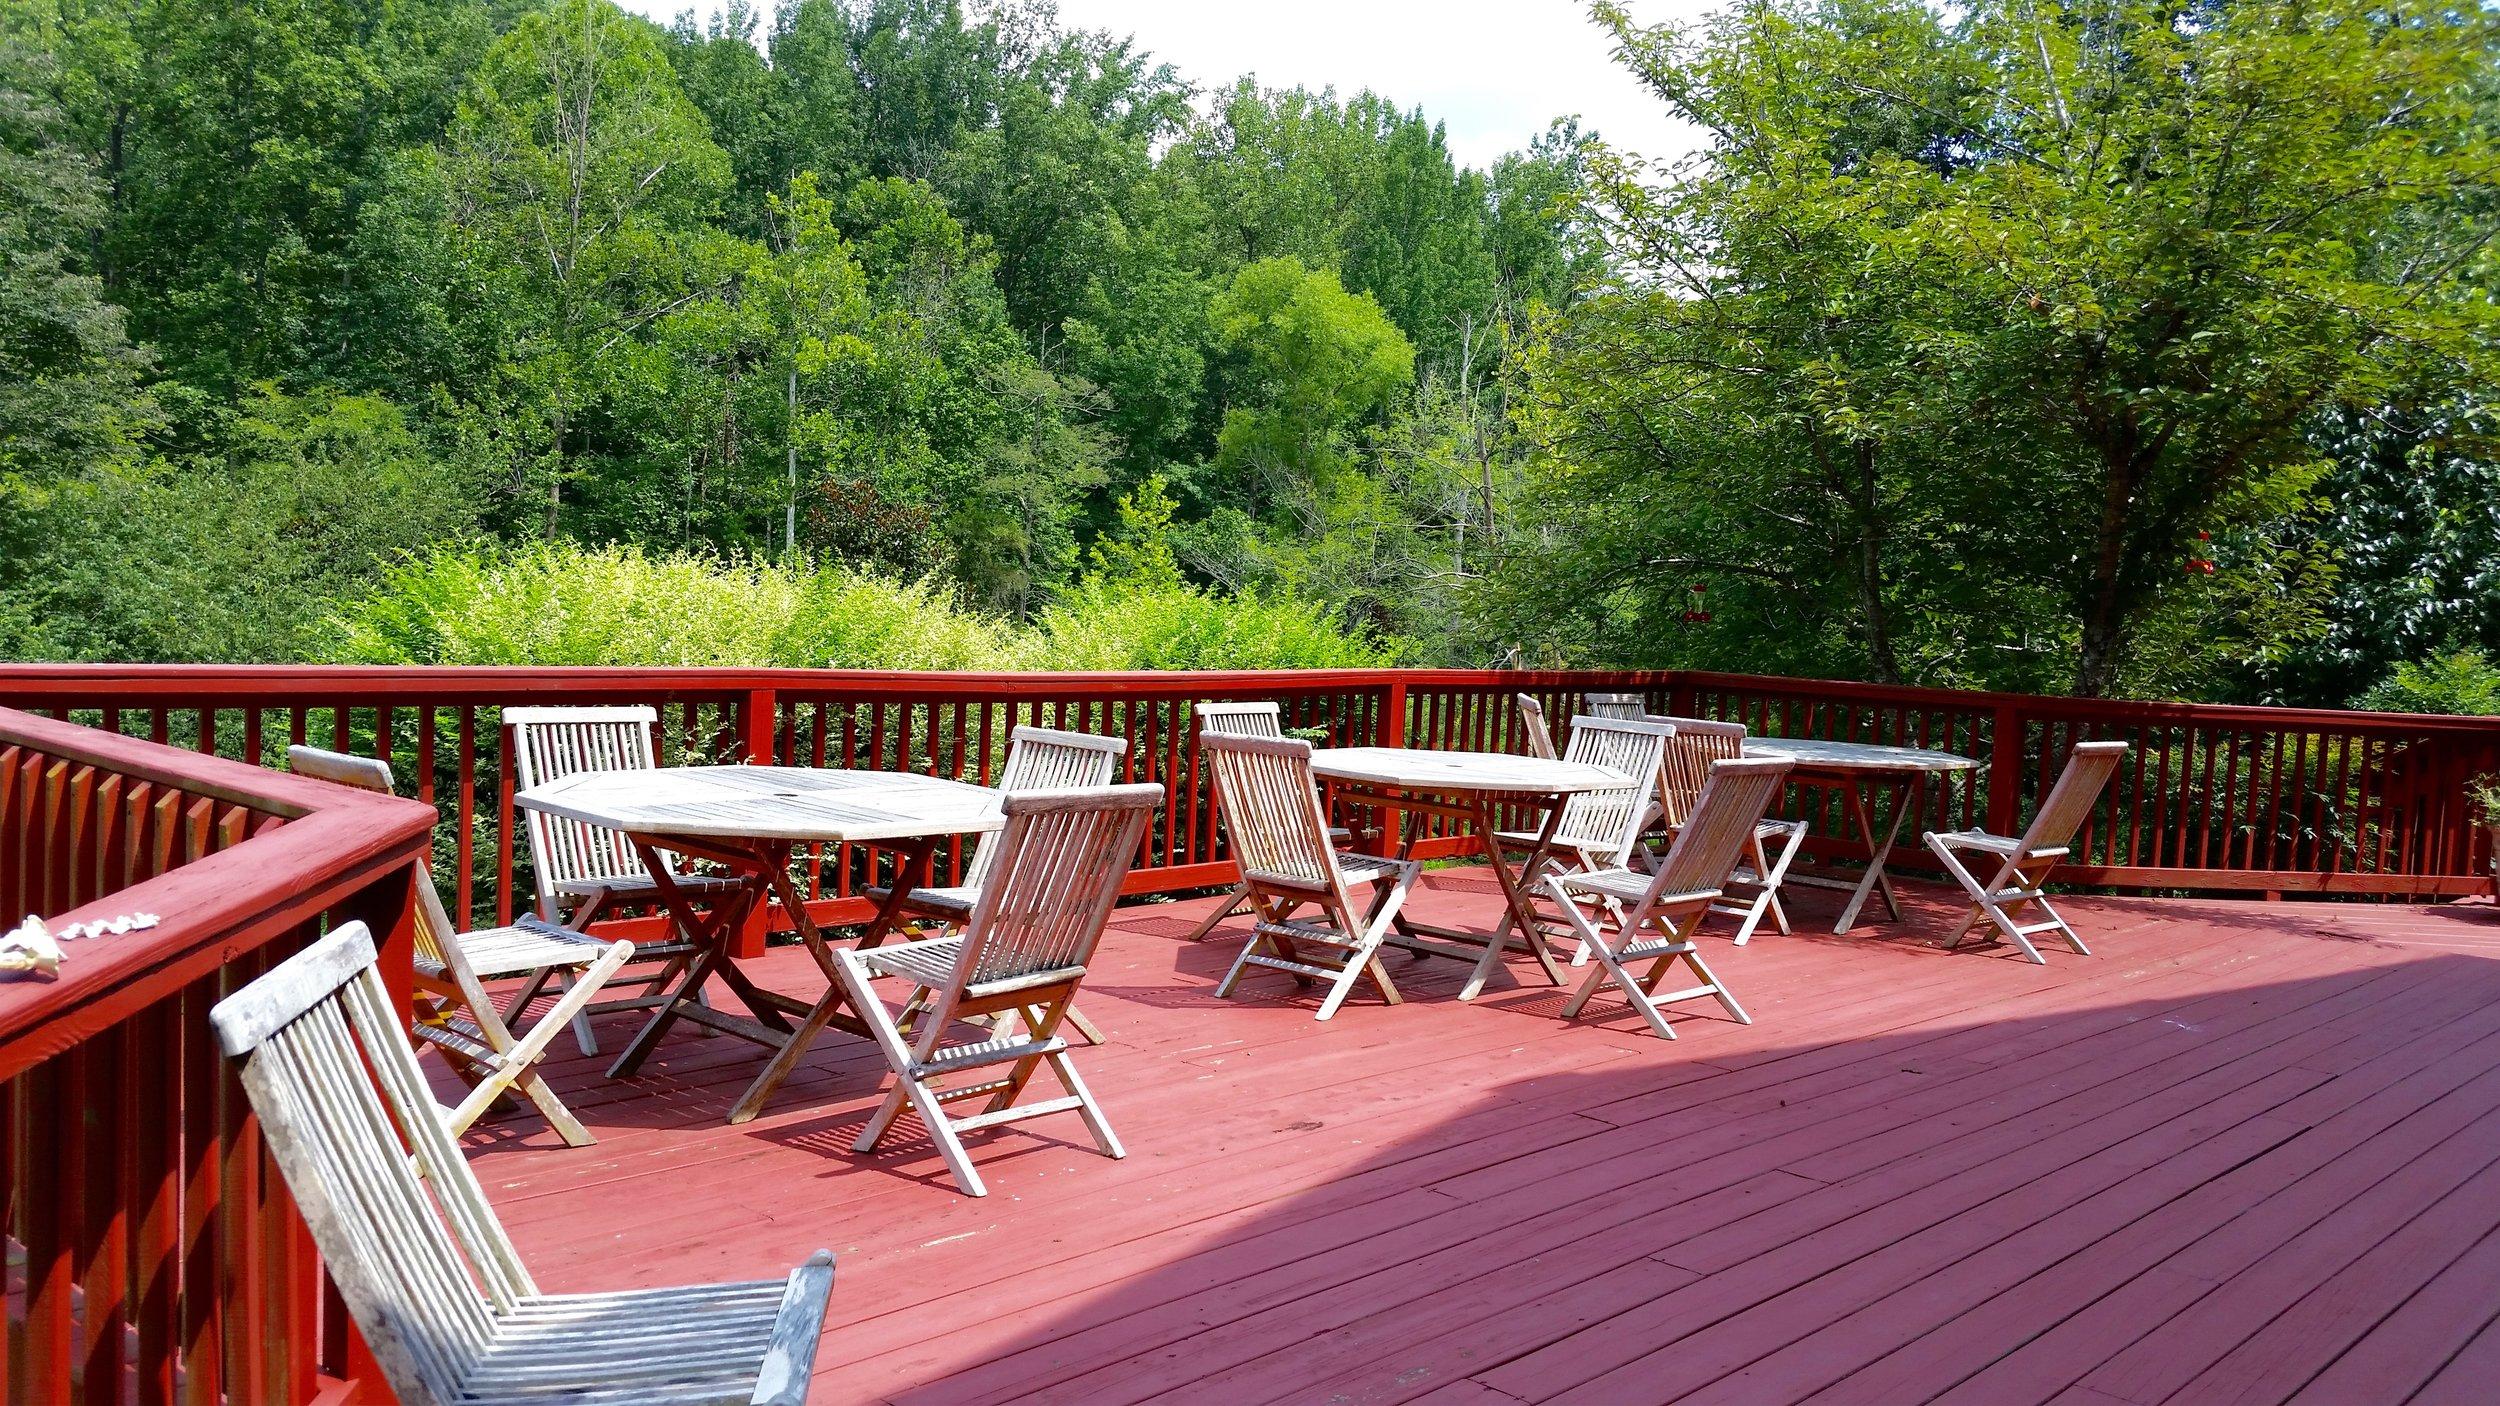 befr porch in spring.jpg